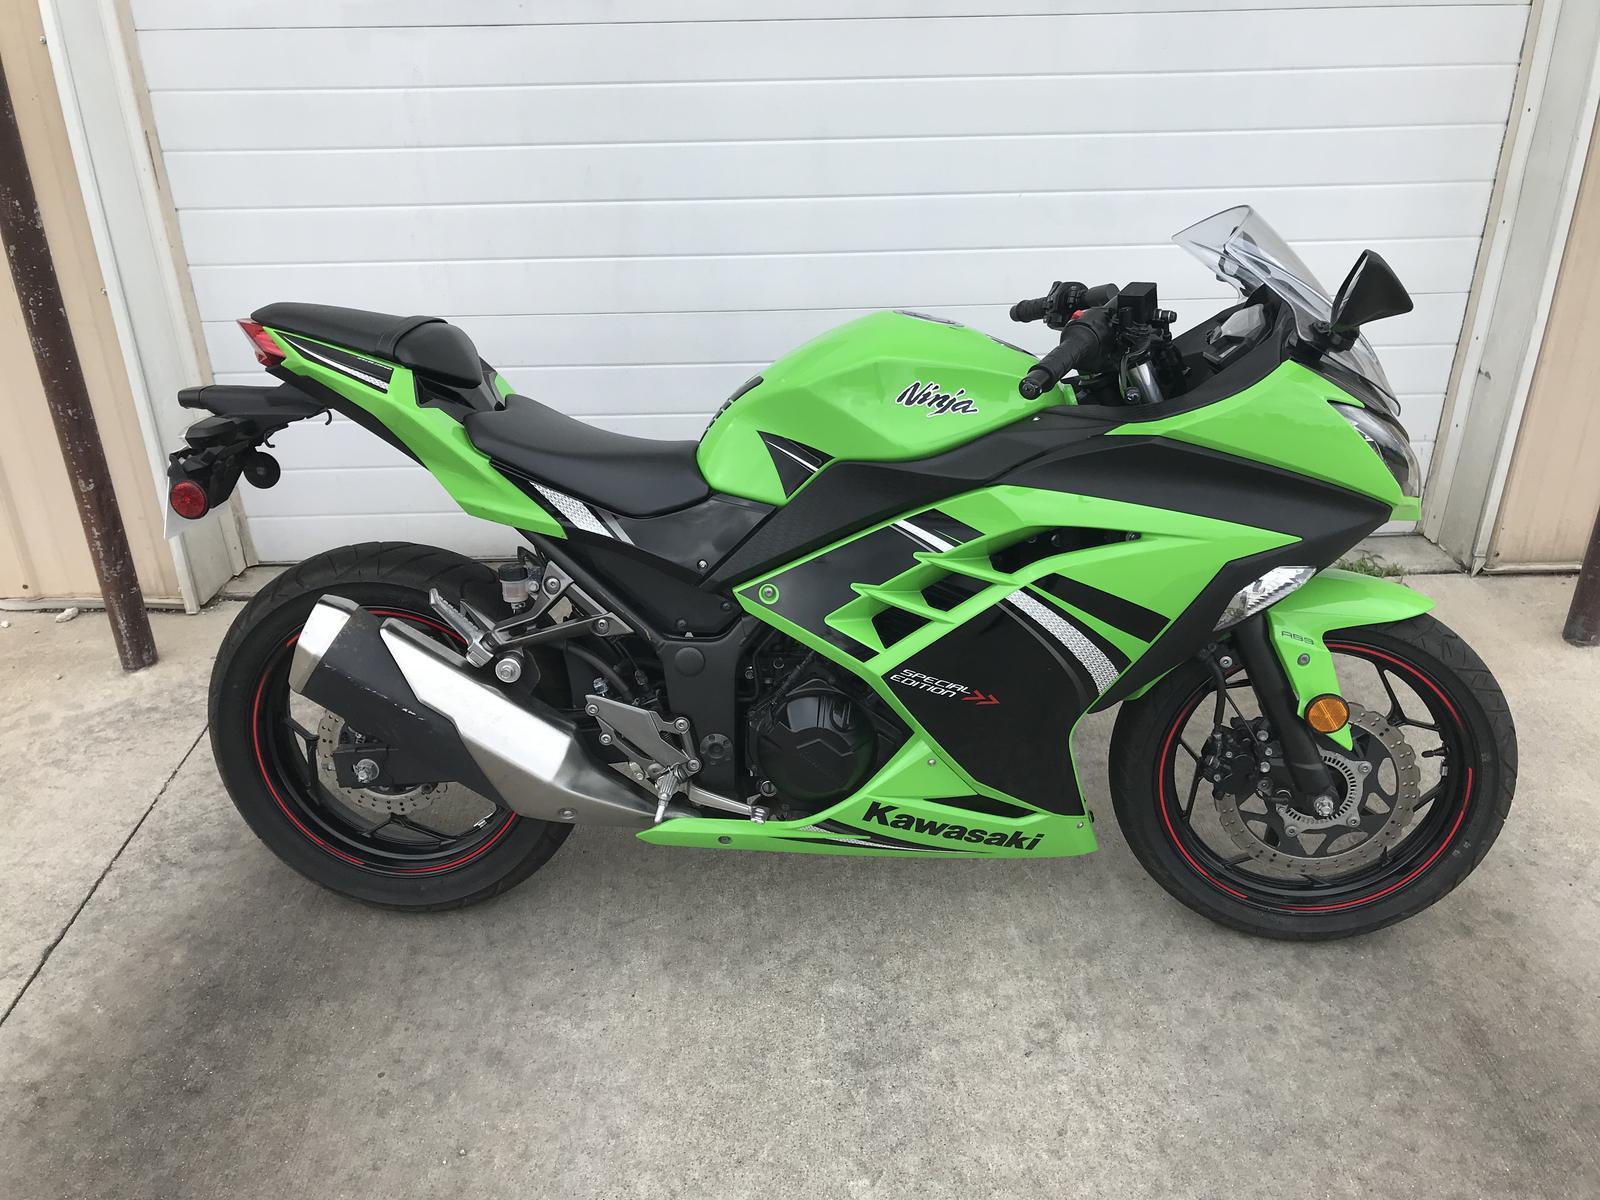 2014 Kawasaki Ninja 300 Abs Se For Sale In Litchfield Il Niehaus